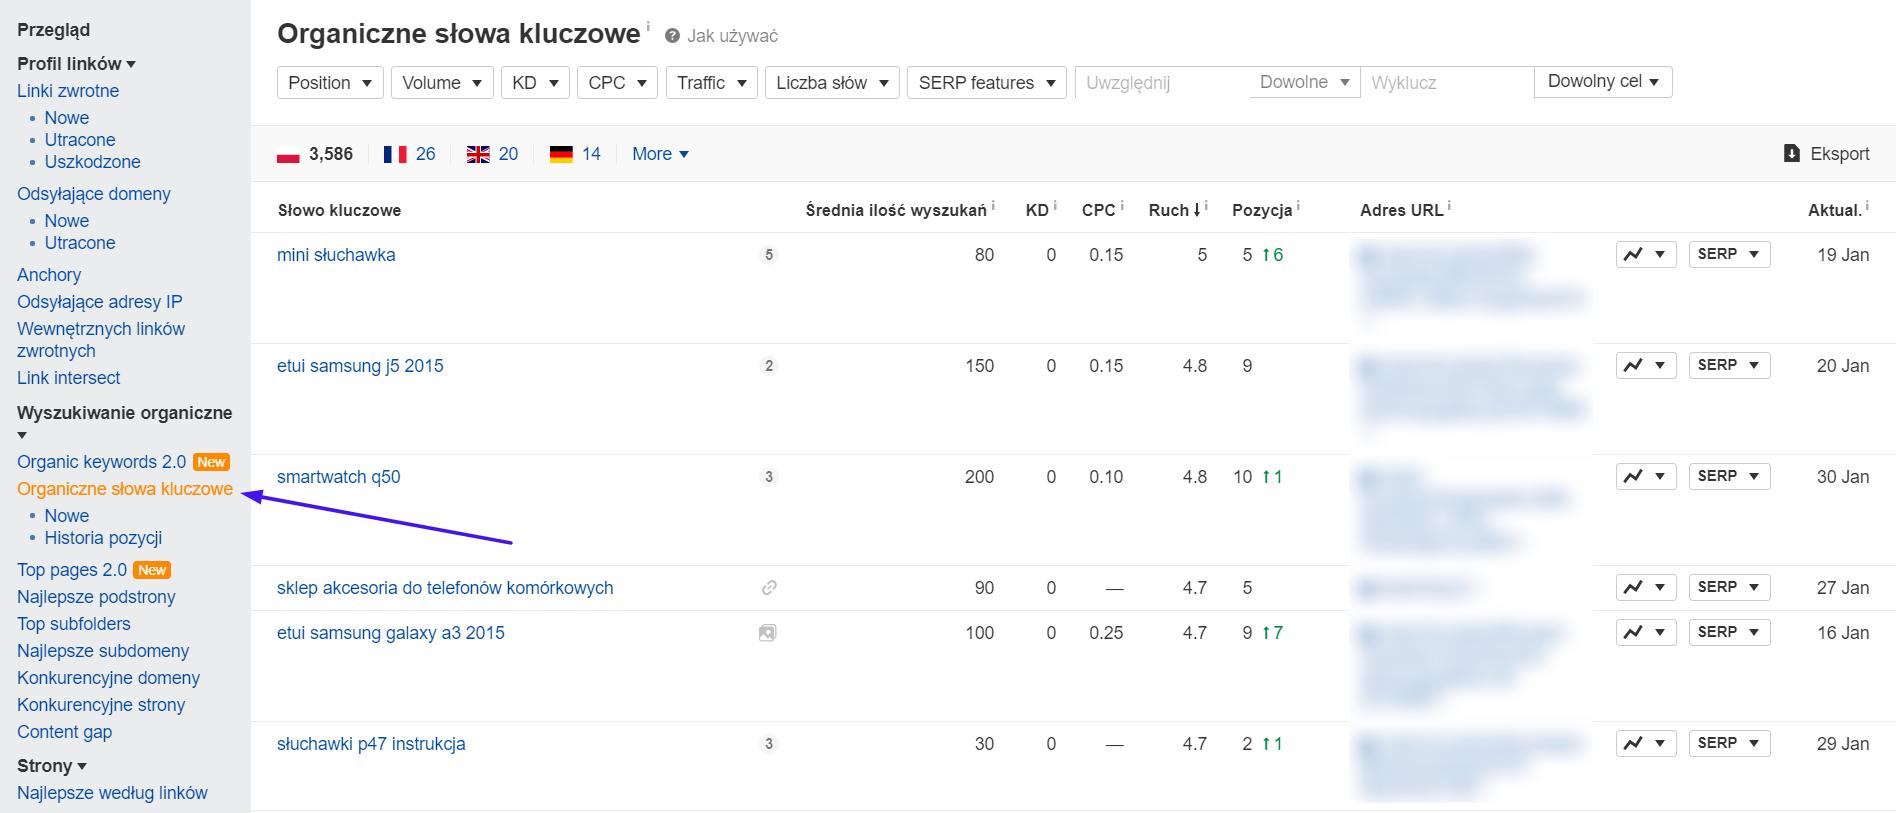 Jak sprawdzić pozycję i widoczność strony w Google?